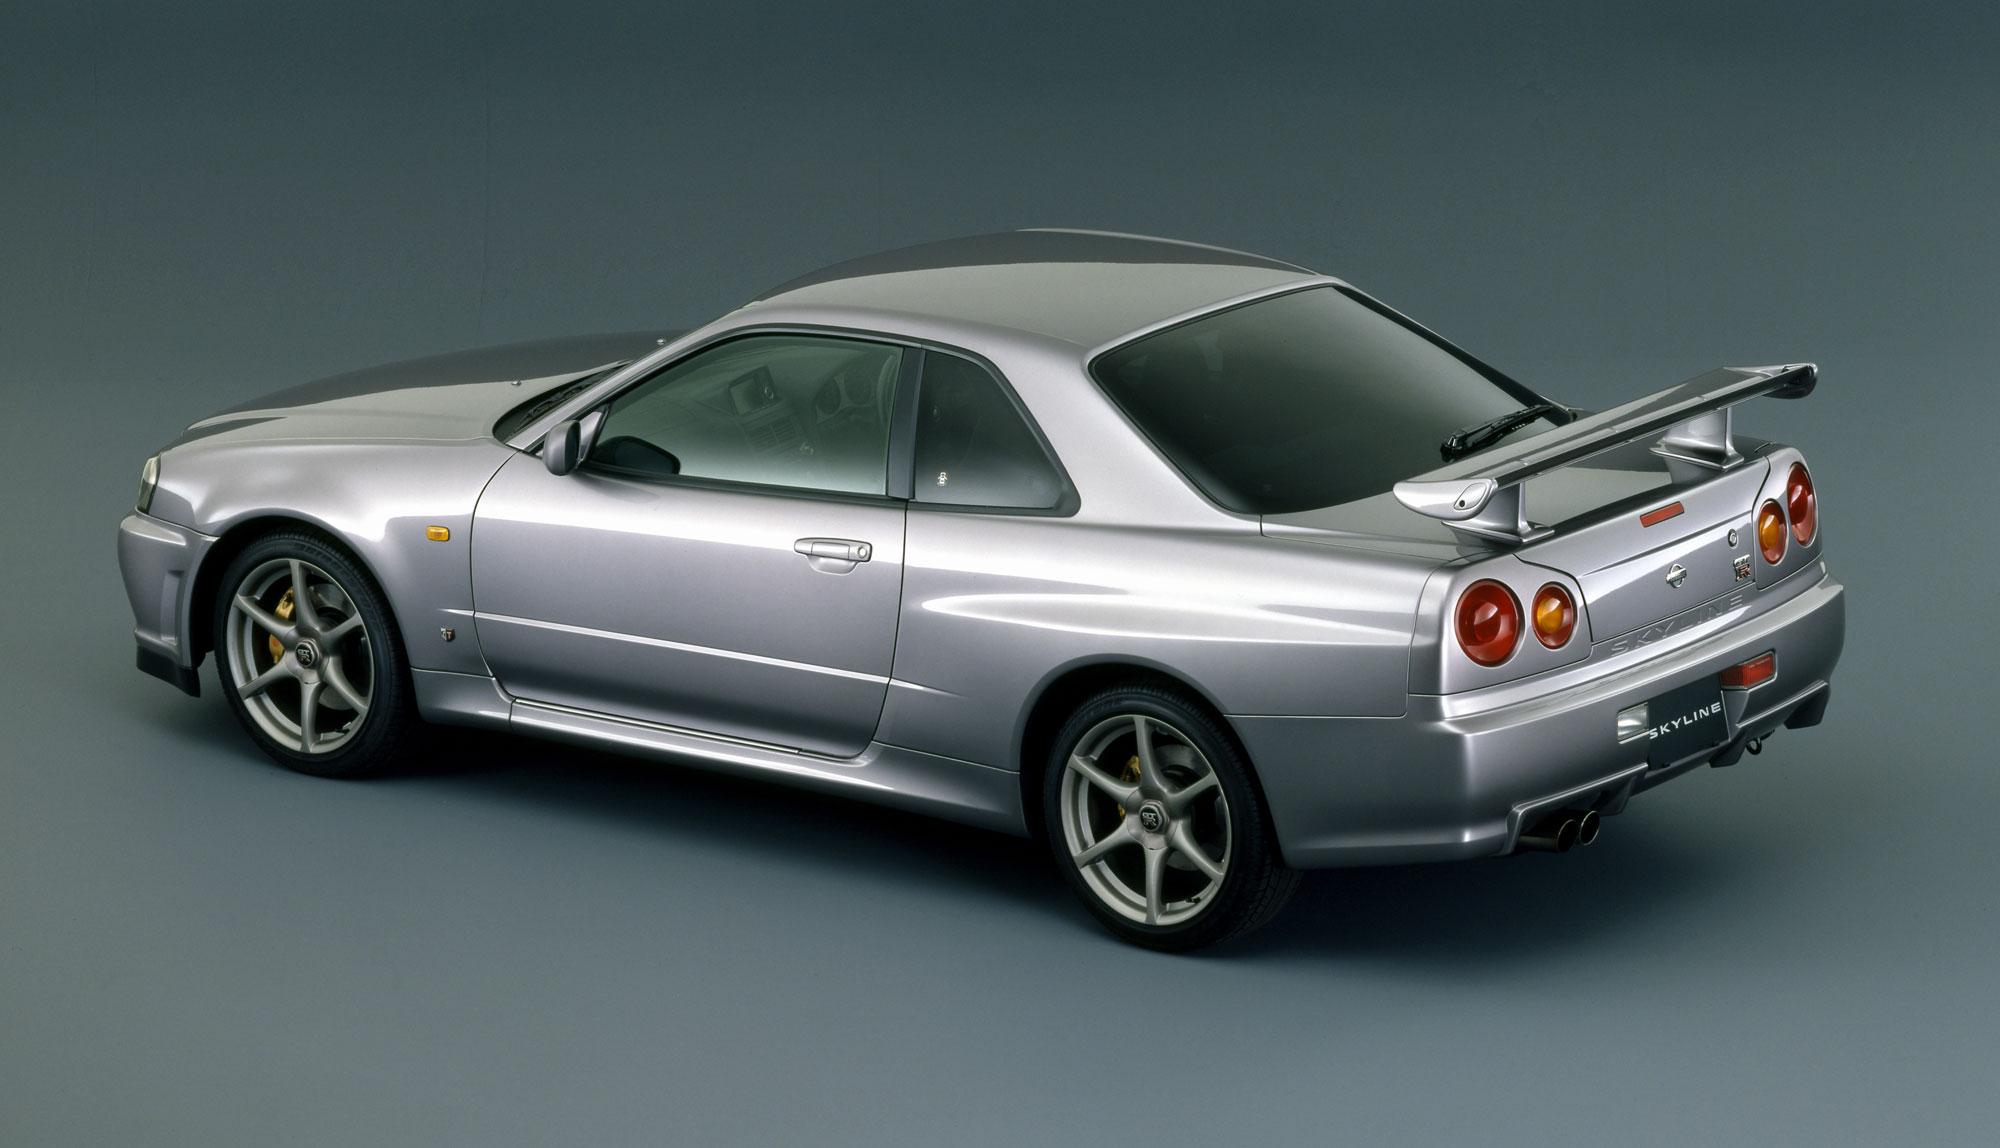 1999 Skyline GT-R rear three-quarter